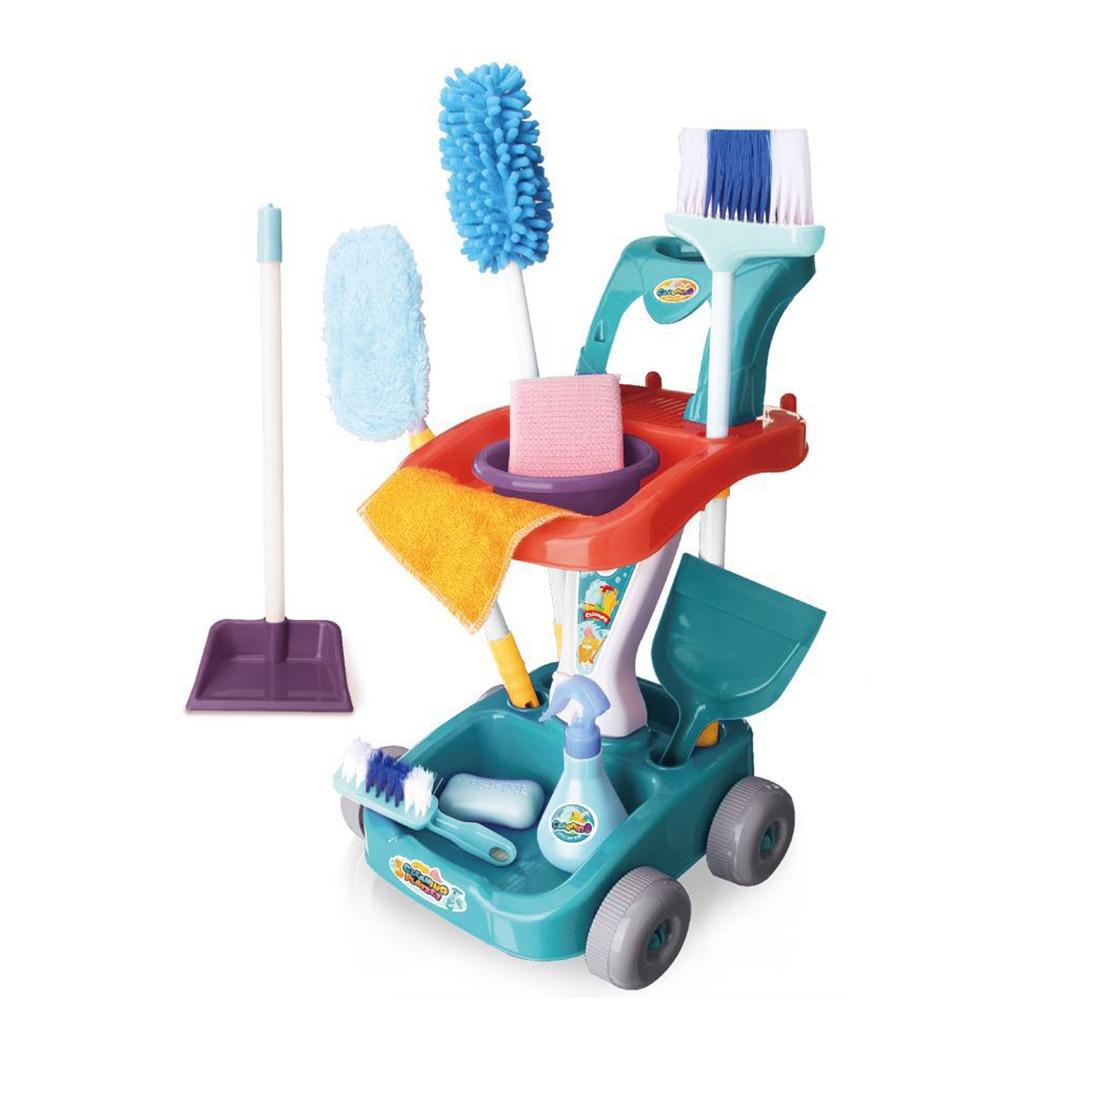 12 pces 11 pces crianças fingir jogar simulação conjunto de limpeza brinquedos cérebro-treinamento brinquedo para crianças brinquedos educativos presente de aniversário